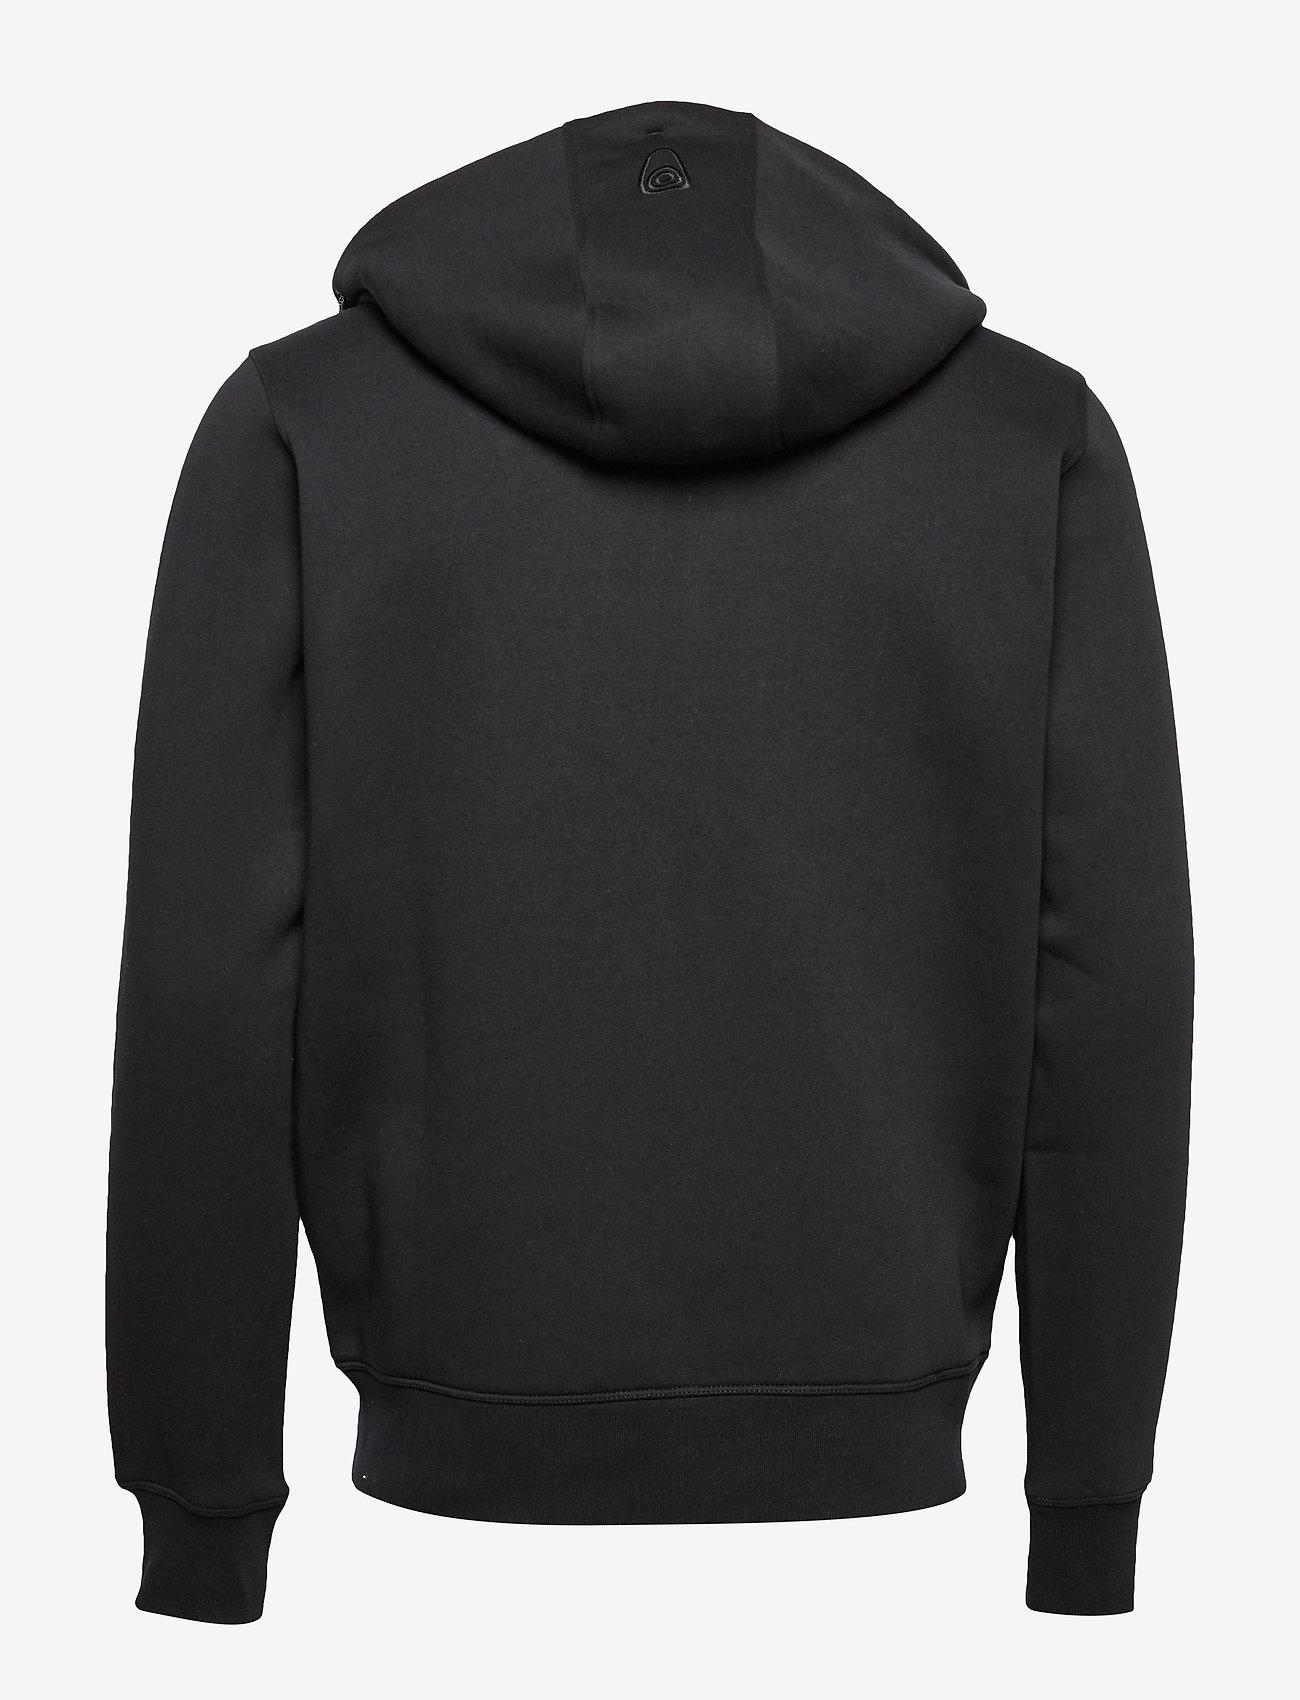 Sail Racing - BOWMAN ZIP HOOD - hoodies - carbon - 1